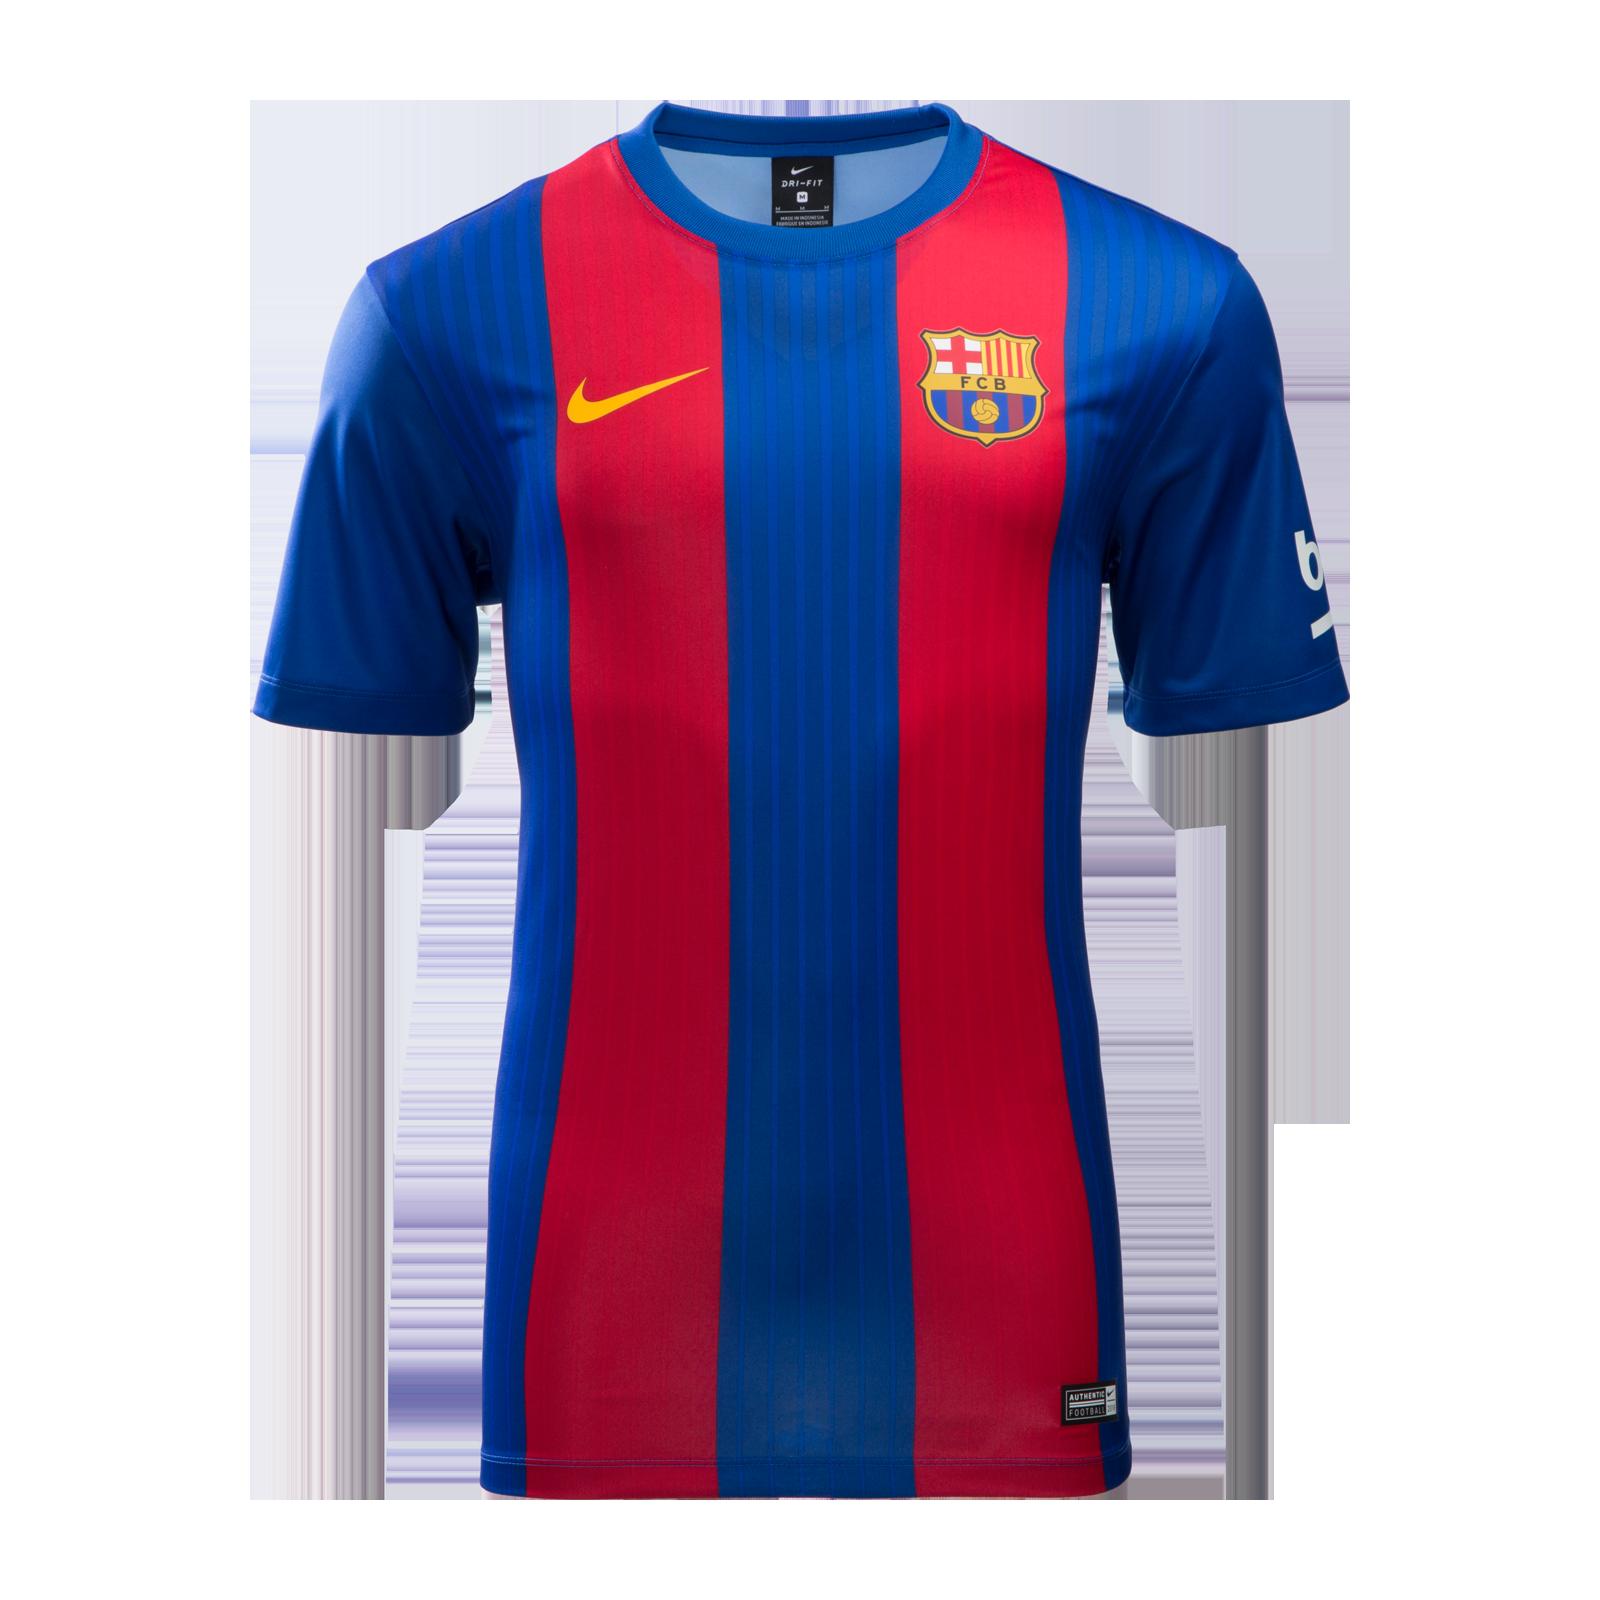 c9dfe39e1ddf8 Futbalové kluby (všetky)   Nike FC Barcelona replika domáci dres ...